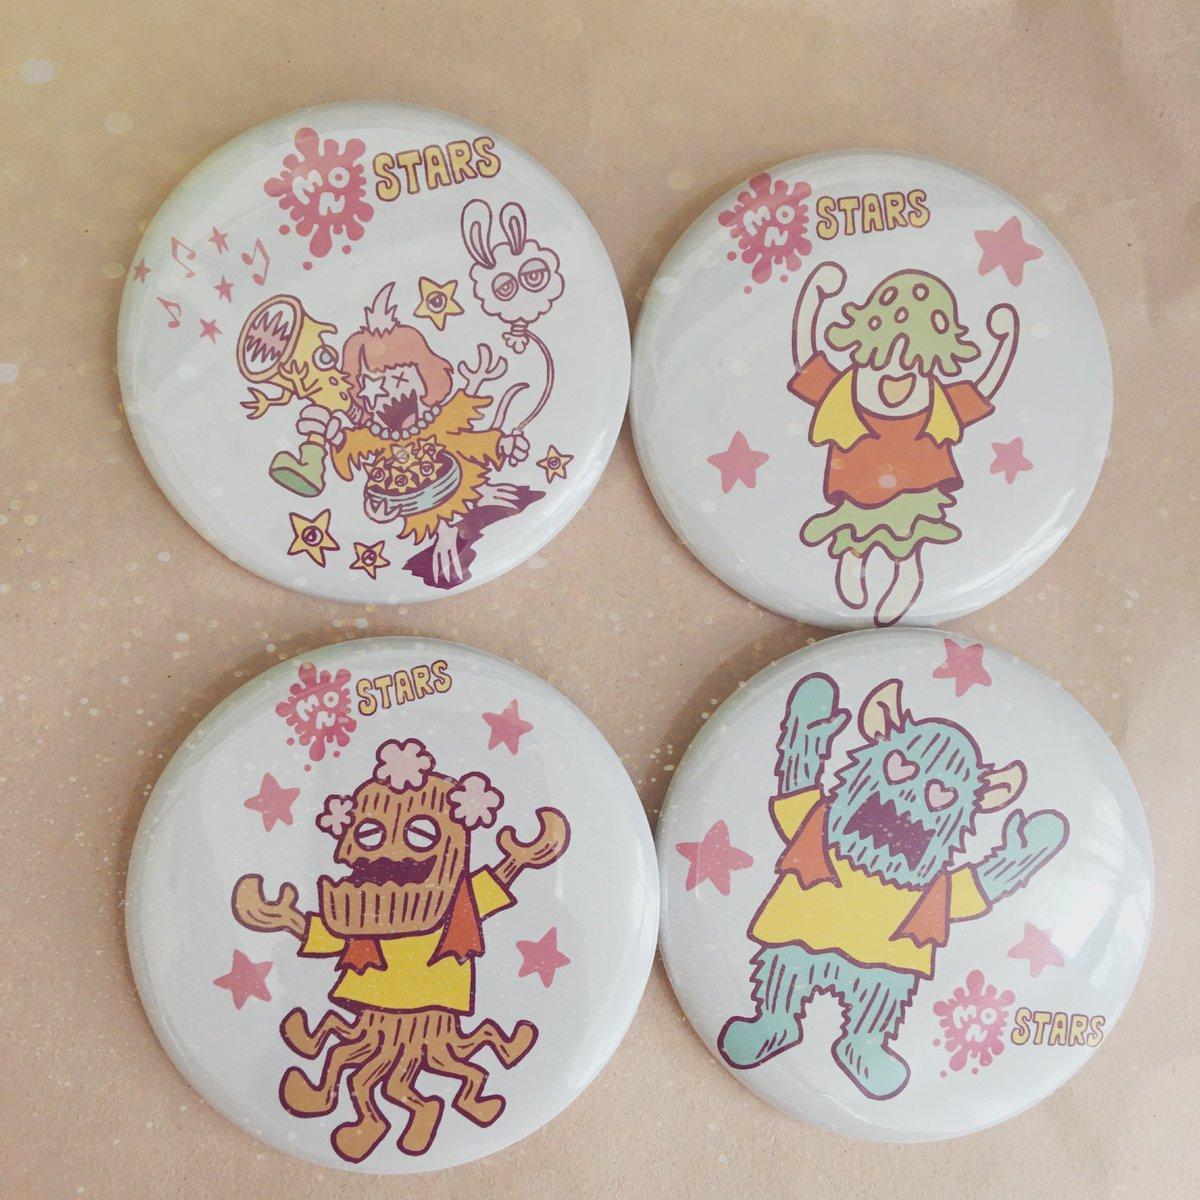 【お知らせ】この度熊本ワンマンにて発売するグッズ…熊本在住の漫画家のゴトウマサフミ( )様にイラストを描いていただきまし